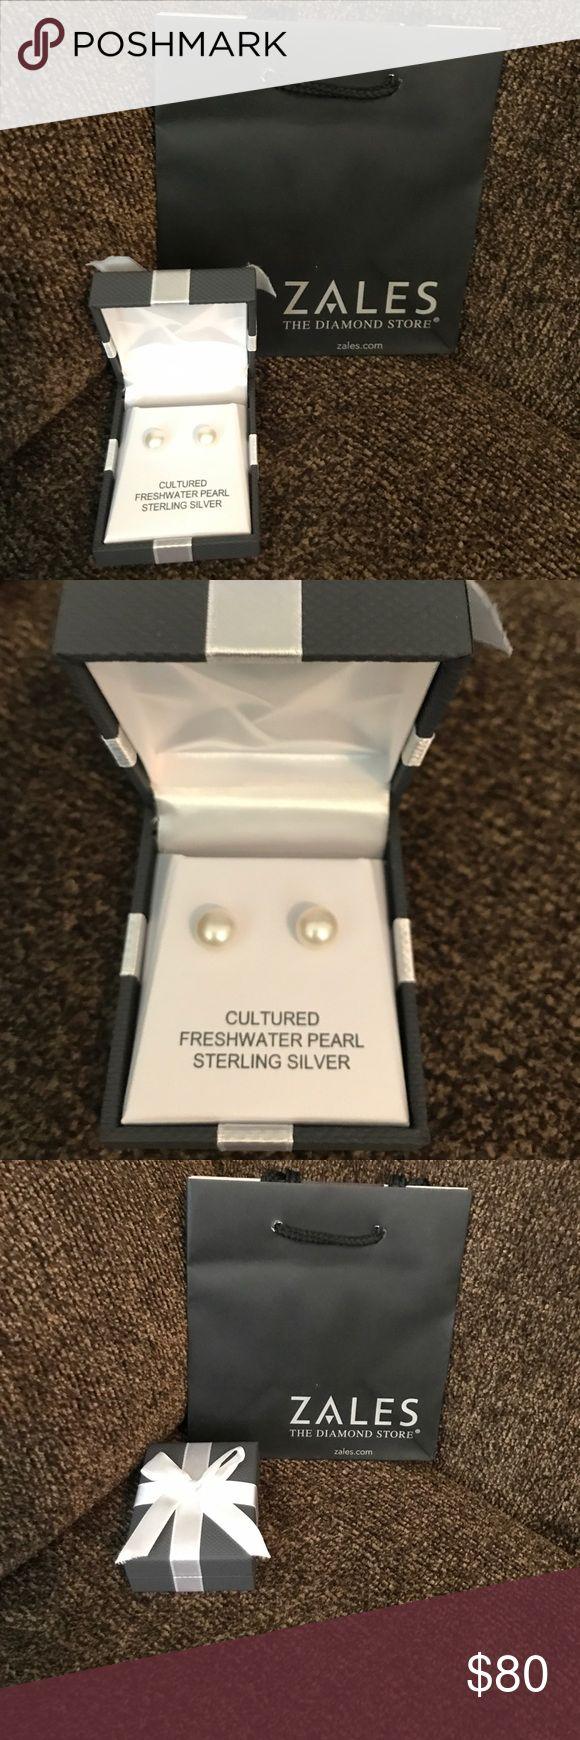 Freshwater Cultured Pearl Earrings From Zale's Nib